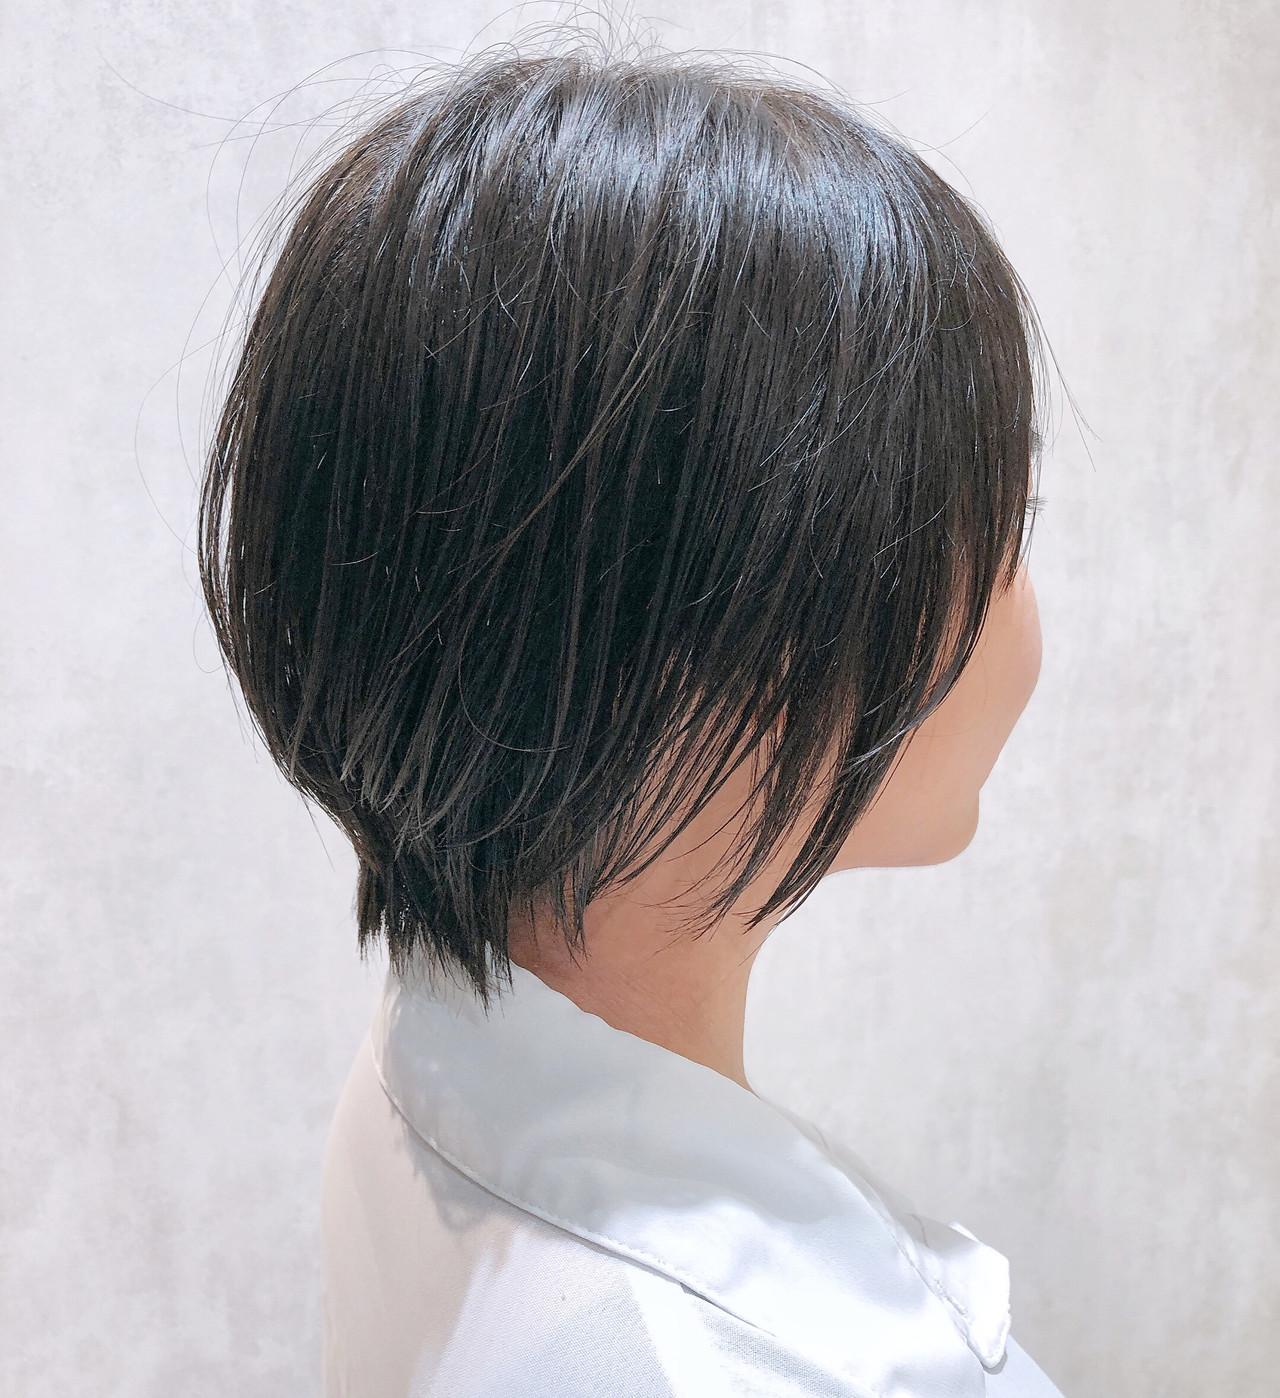 ミニボブ ナチュラル ショートヘア ショートボブ ヘアスタイルや髪型の写真・画像 | 金田 尚之 / k-two  青山